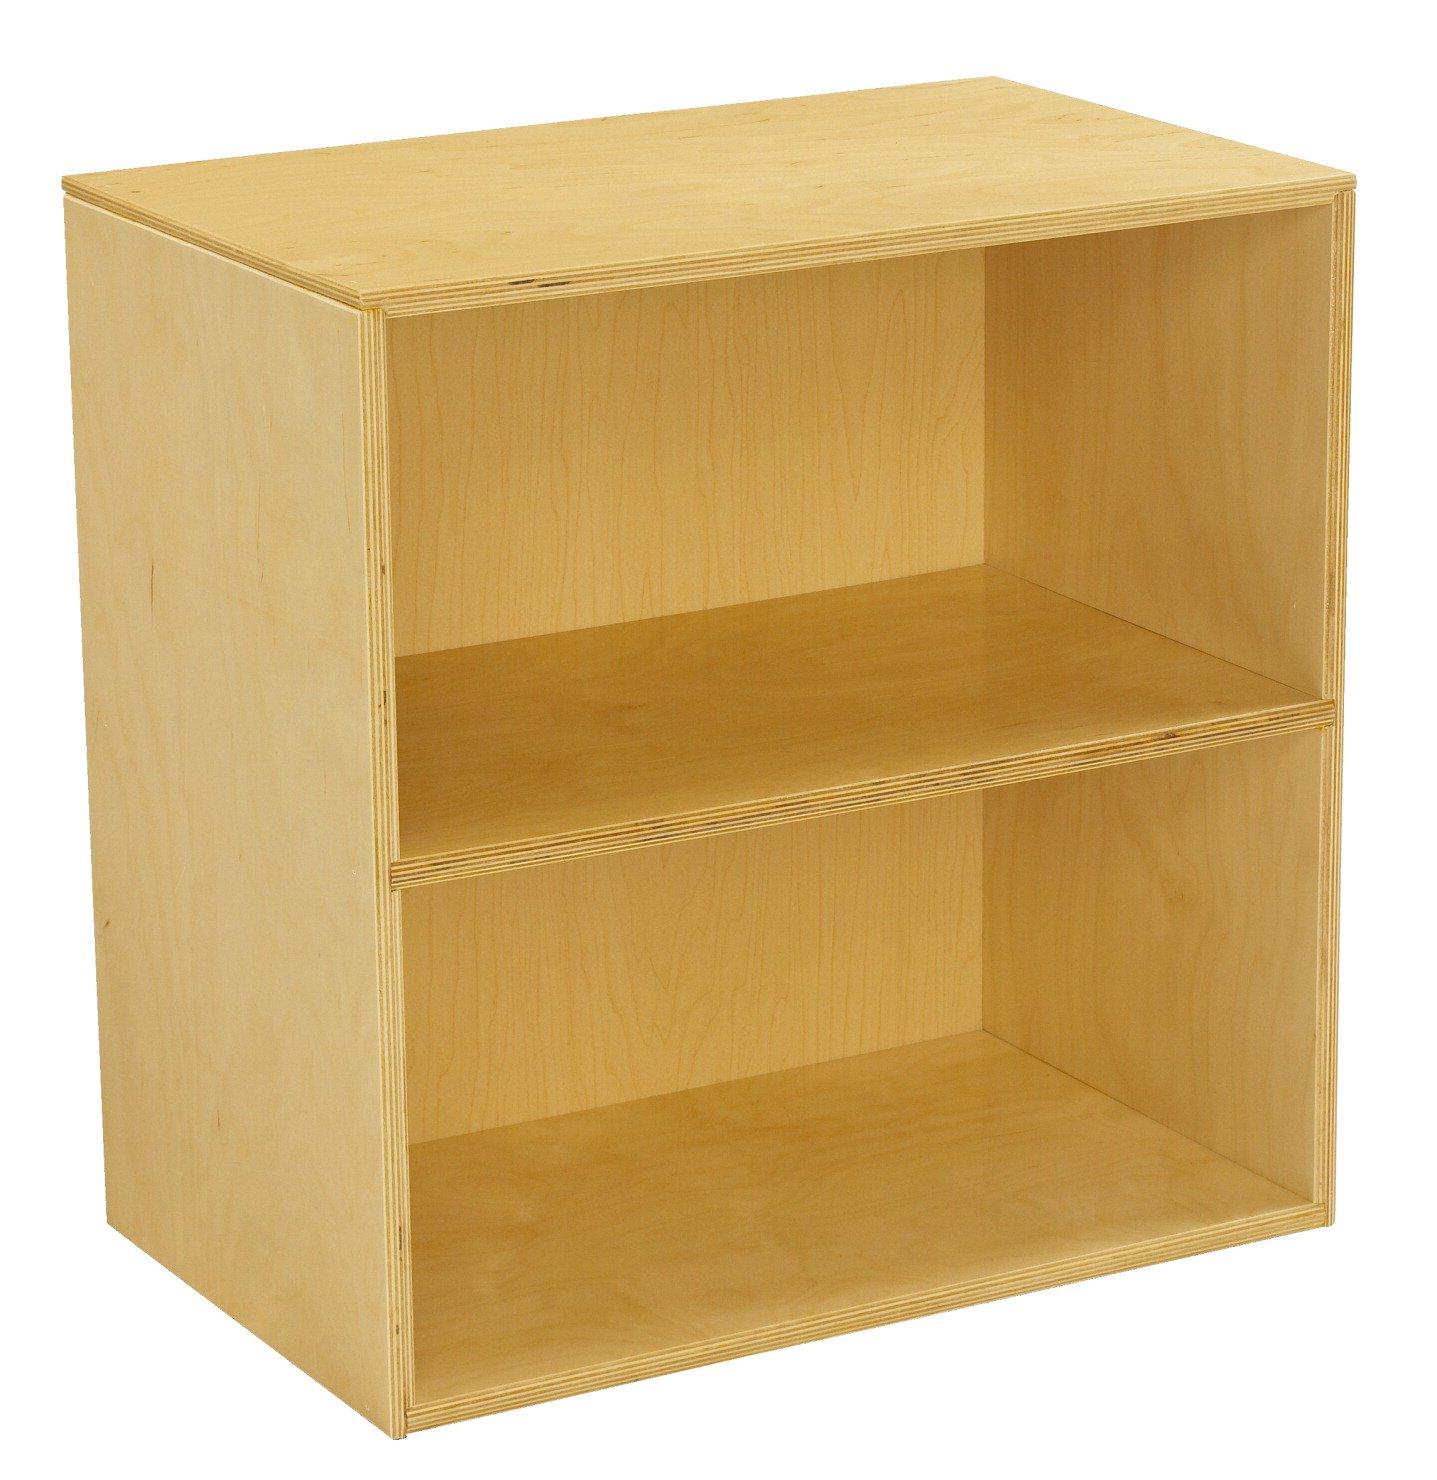 Childcraft Narrow Storage Unit, 23-3/4 W x 14-3/4 D x 24 H in